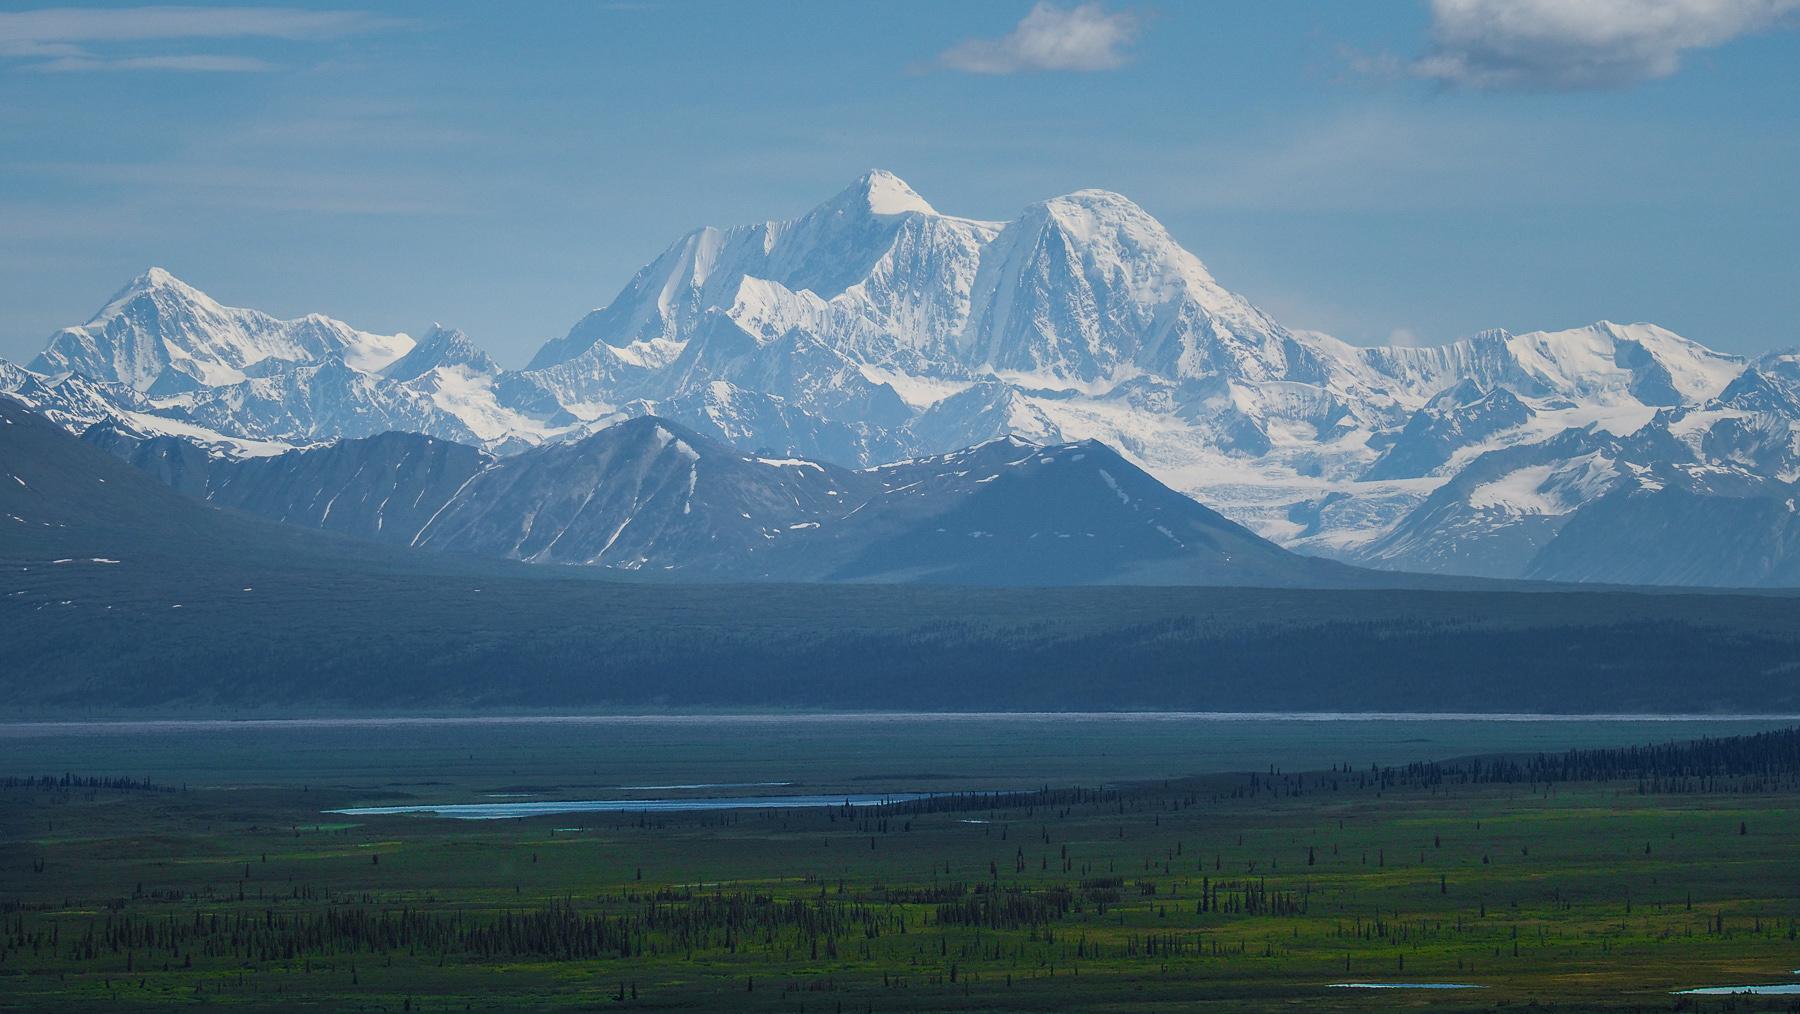 mit gigantischen Bergen und Gletschern am Horizont